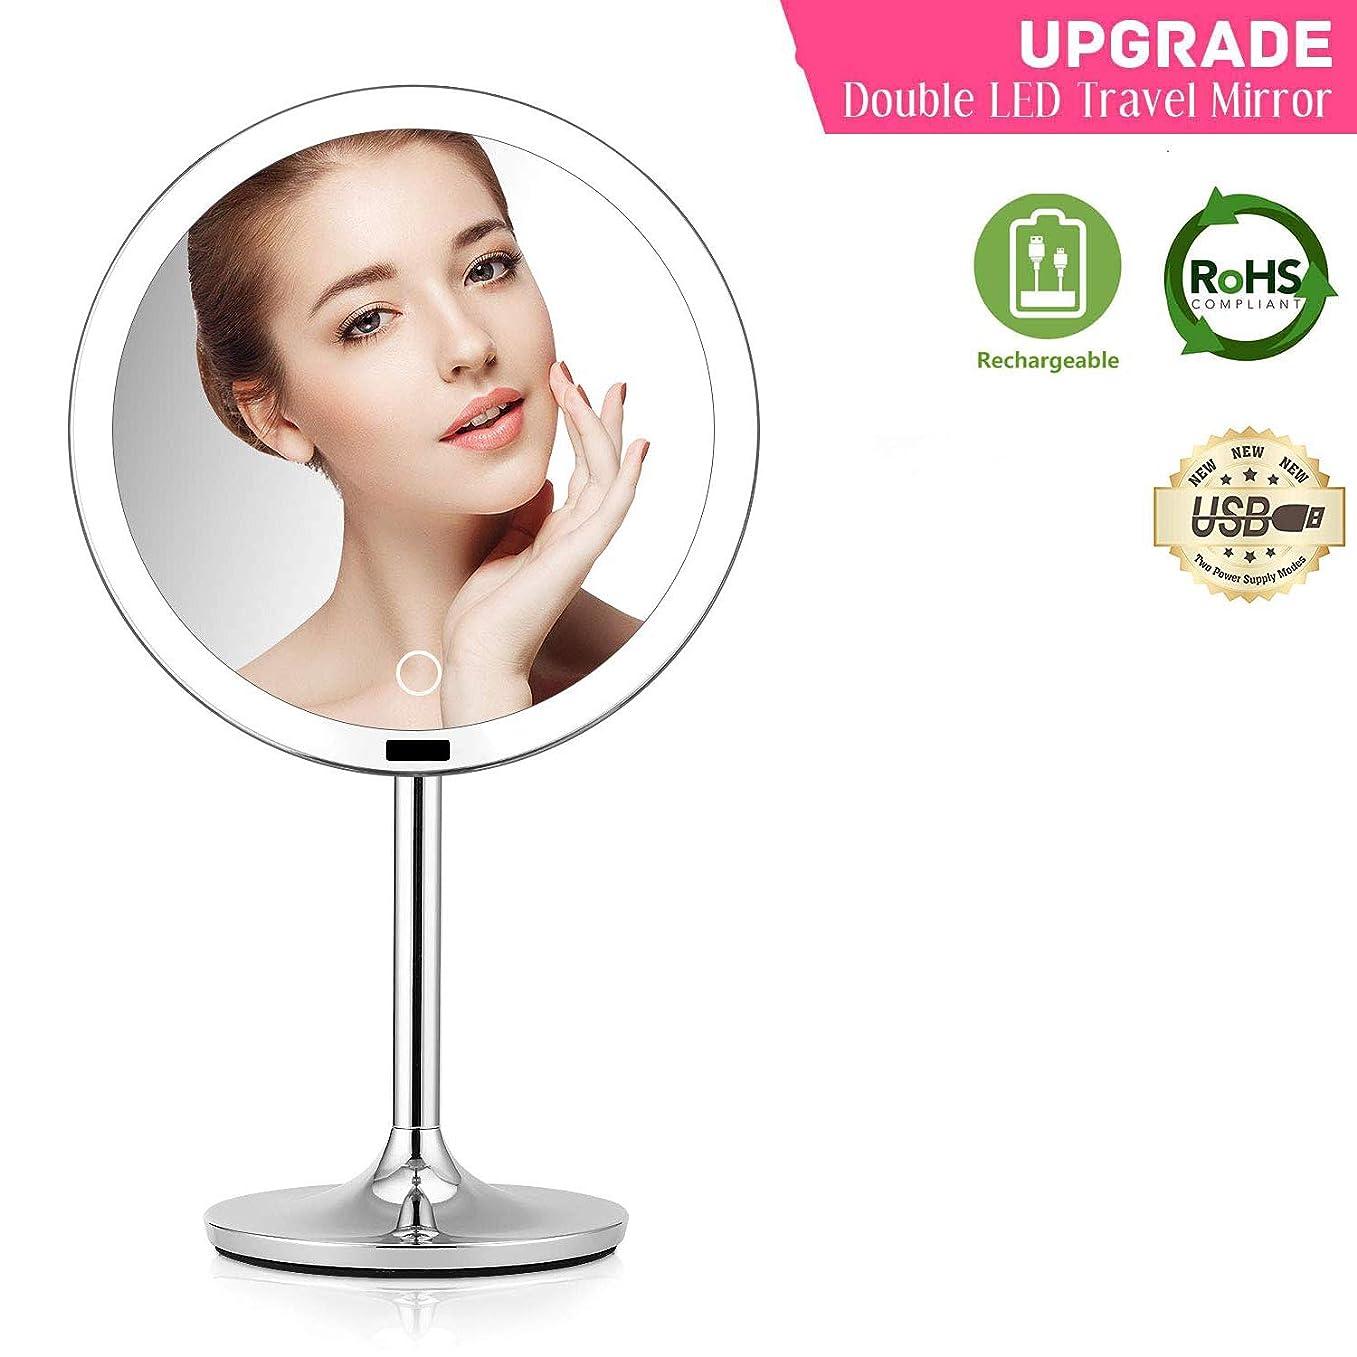 ガスルネッサンスまどろみのある光化 led 化粧鏡、8.5インチの丸型、タッチセンサー付きの明るさ、調光やワイヤレスの充電が可能